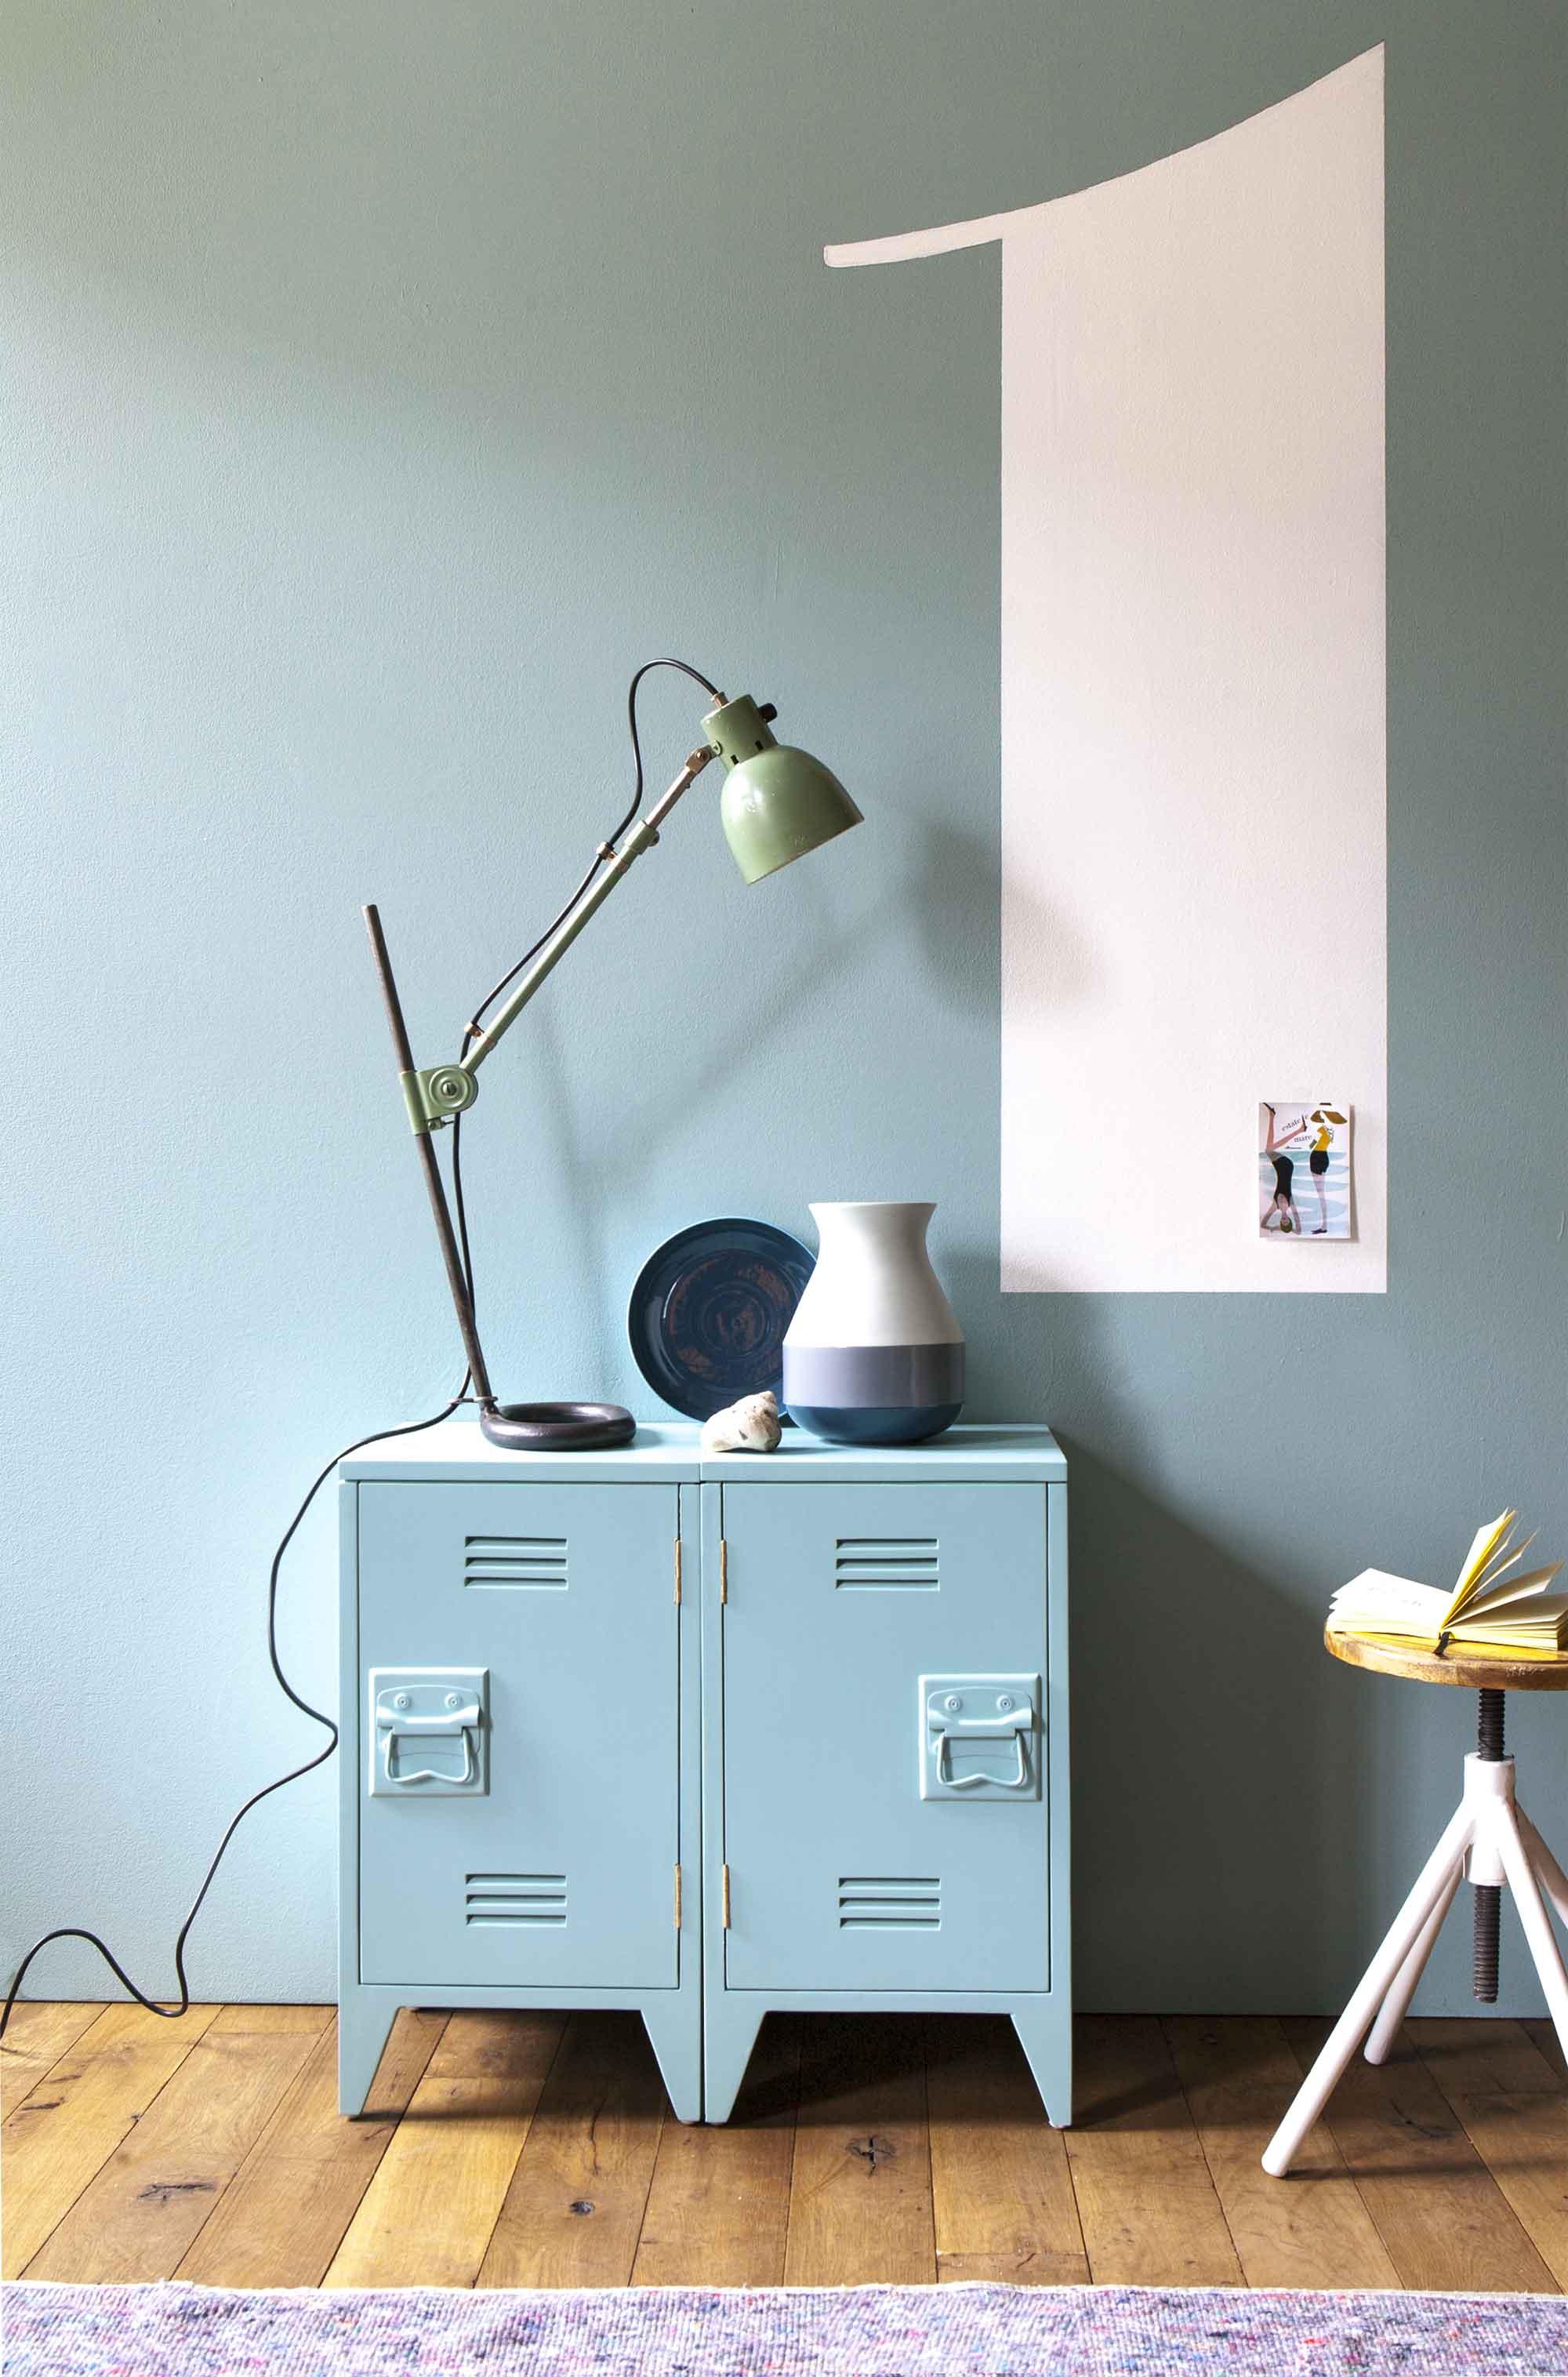 kastje-lamp-cijfer-blauw